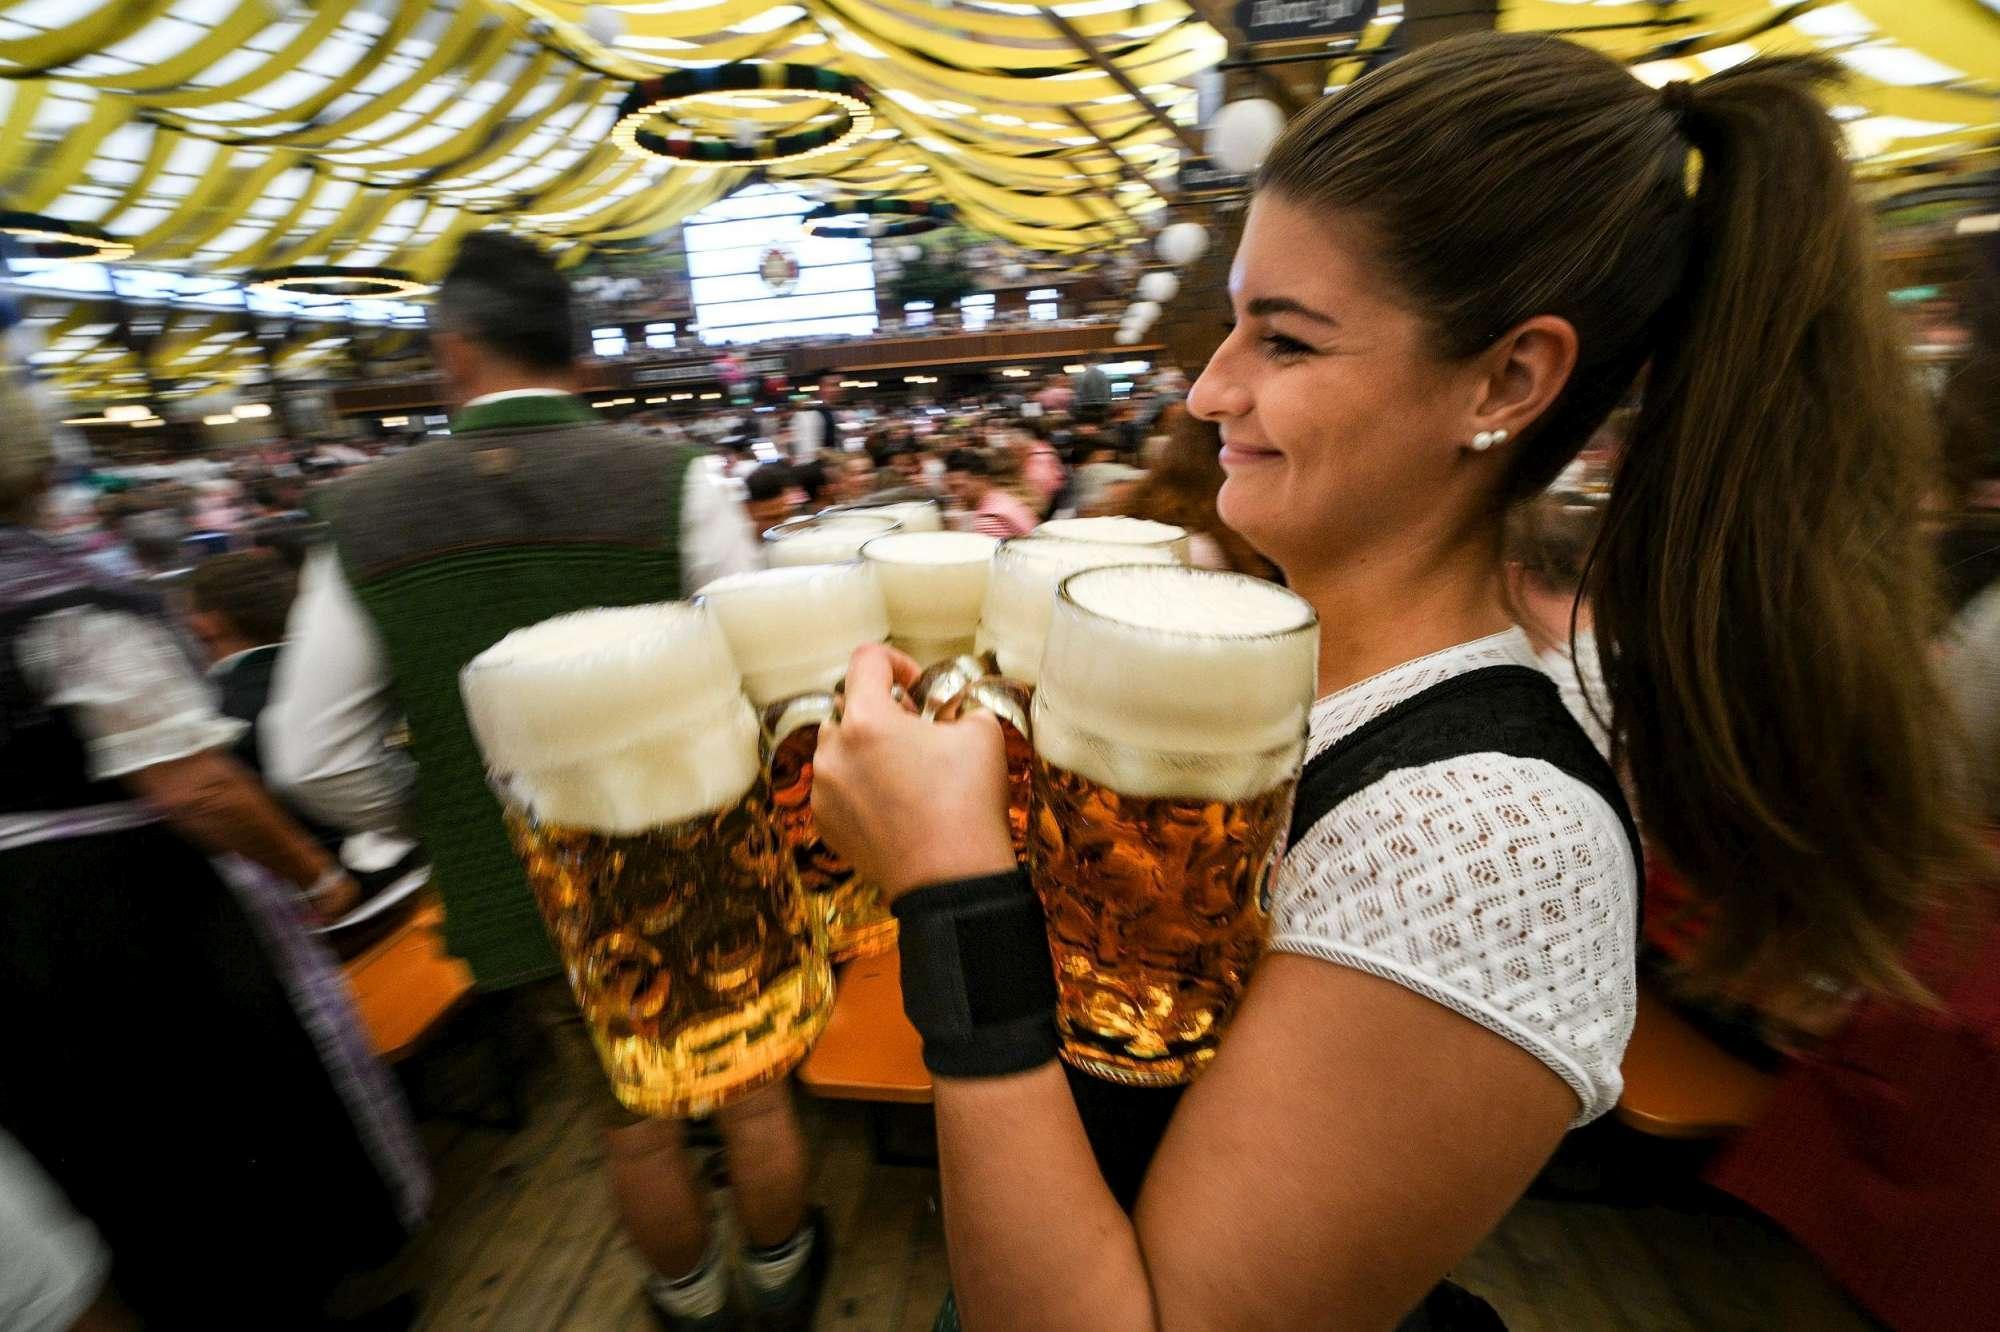 Al via l Oktoberfest: attesi a Monaco di Baviera oltre 6 milioni di visitatori per la festa della birra